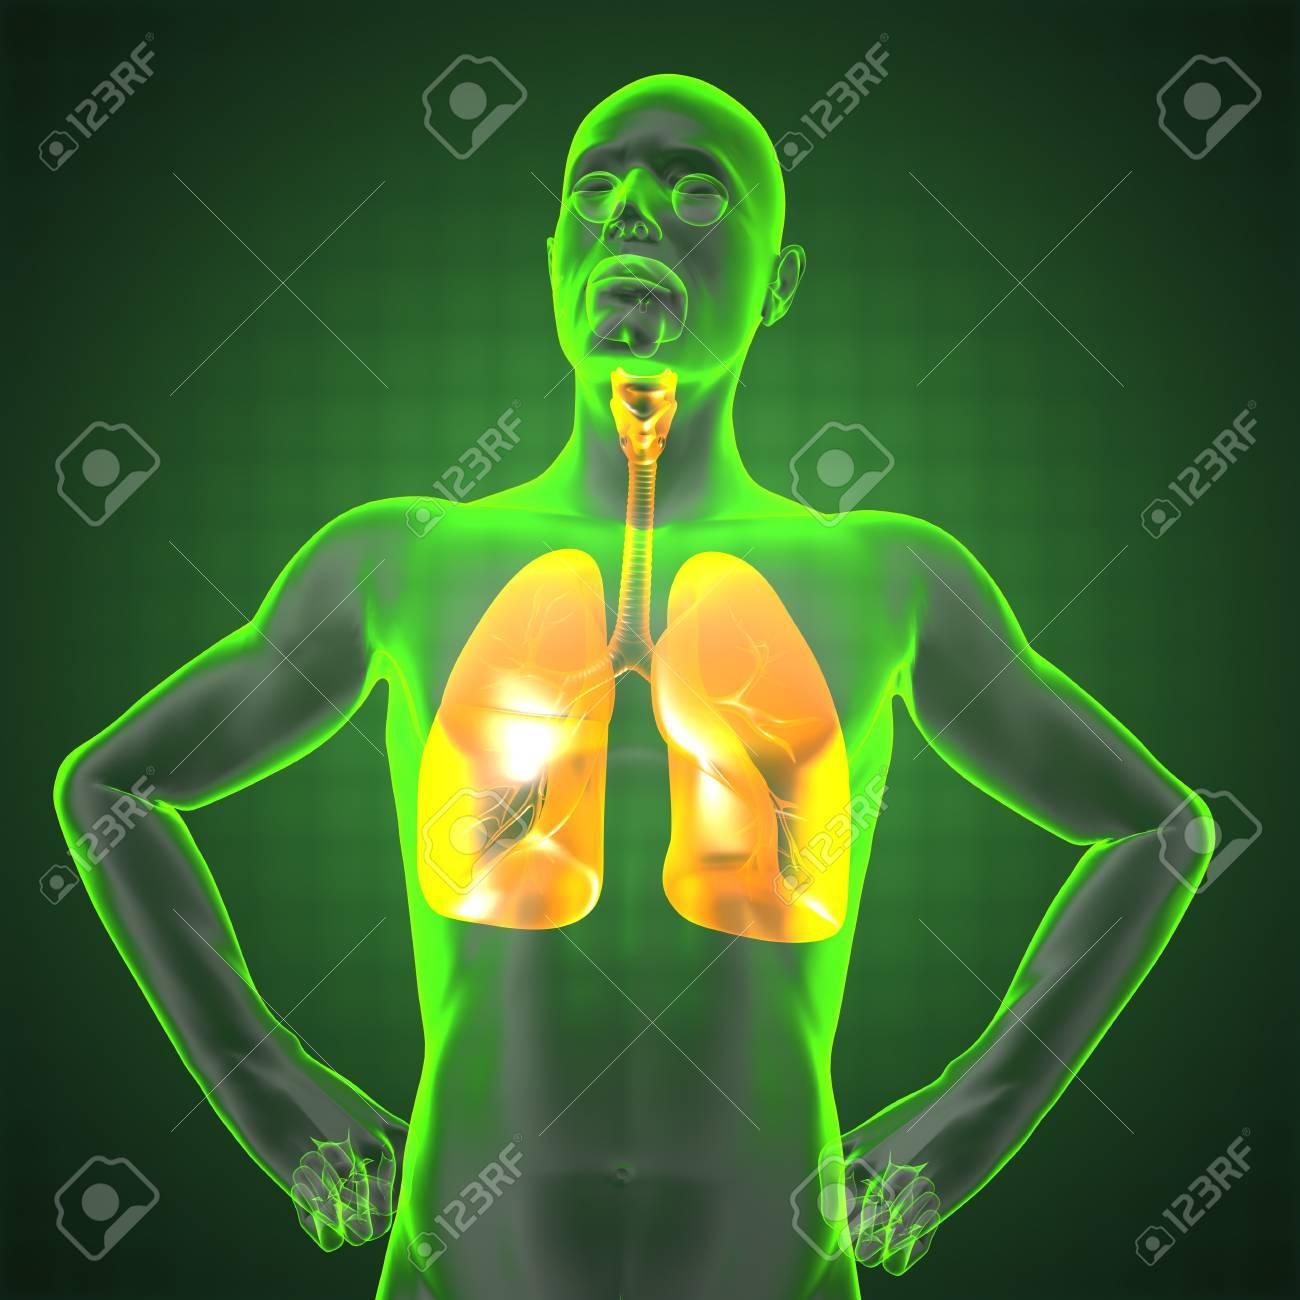 Menschliche Röntgen-Thorax In 3D Gemacht Lizenzfreie Fotos, Bilder ...